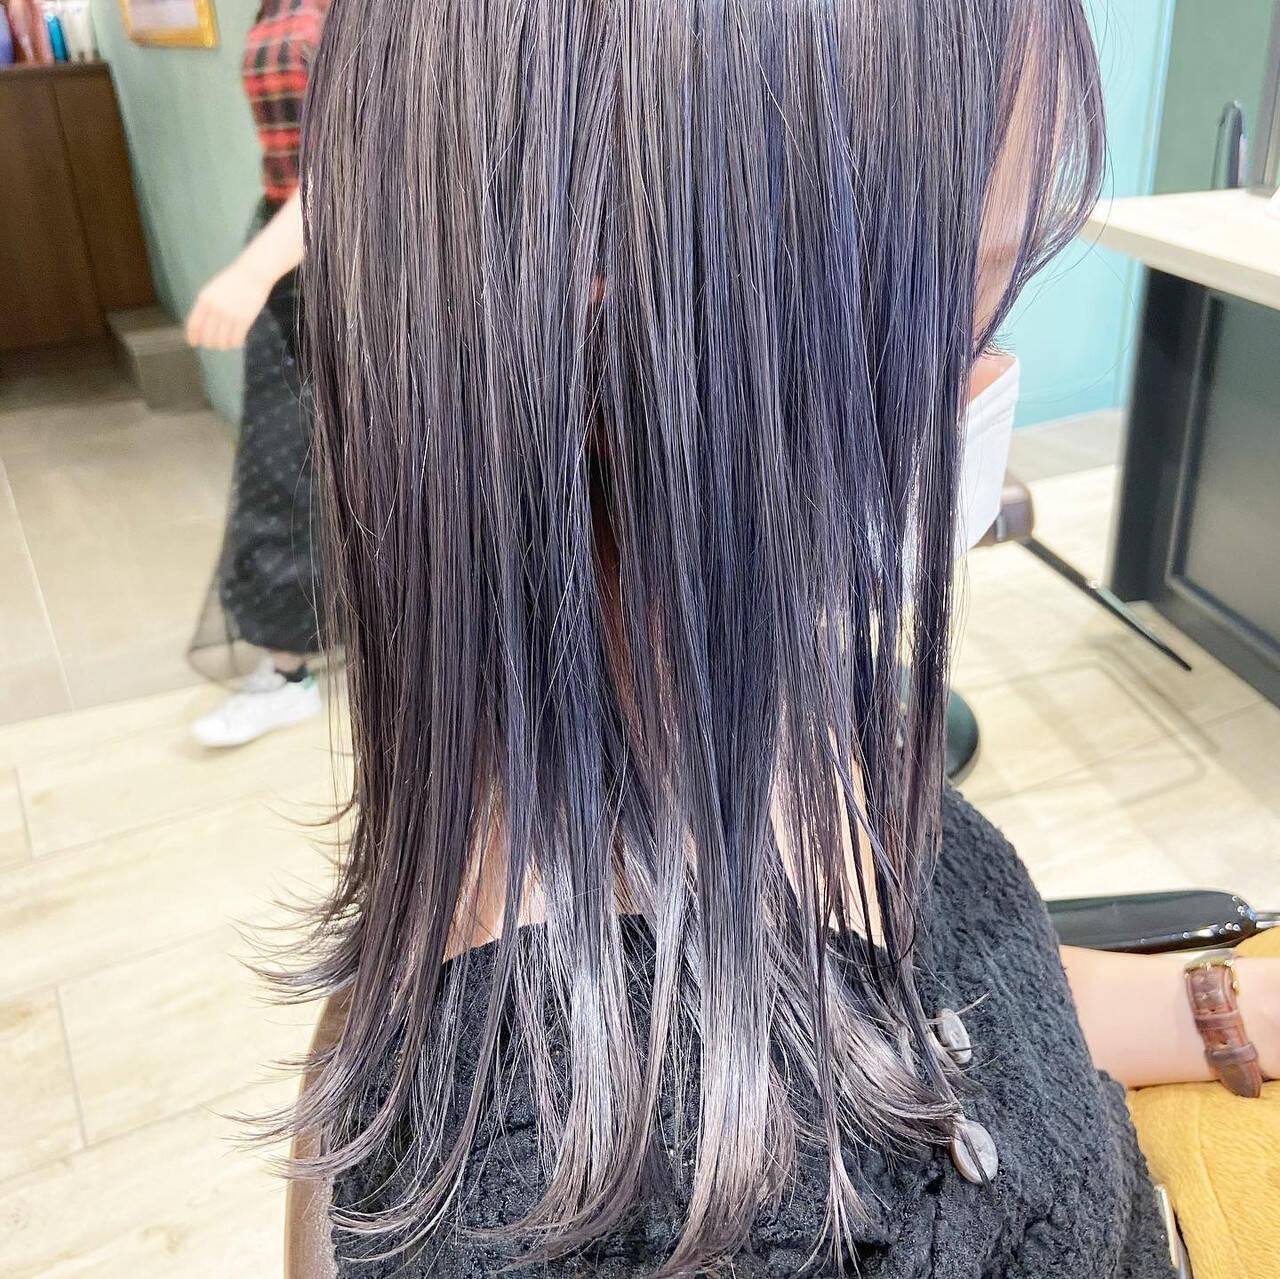 ラベンダーグレージュ ミディアム フェミニン ラベンダーカラーヘアスタイルや髪型の写真・画像